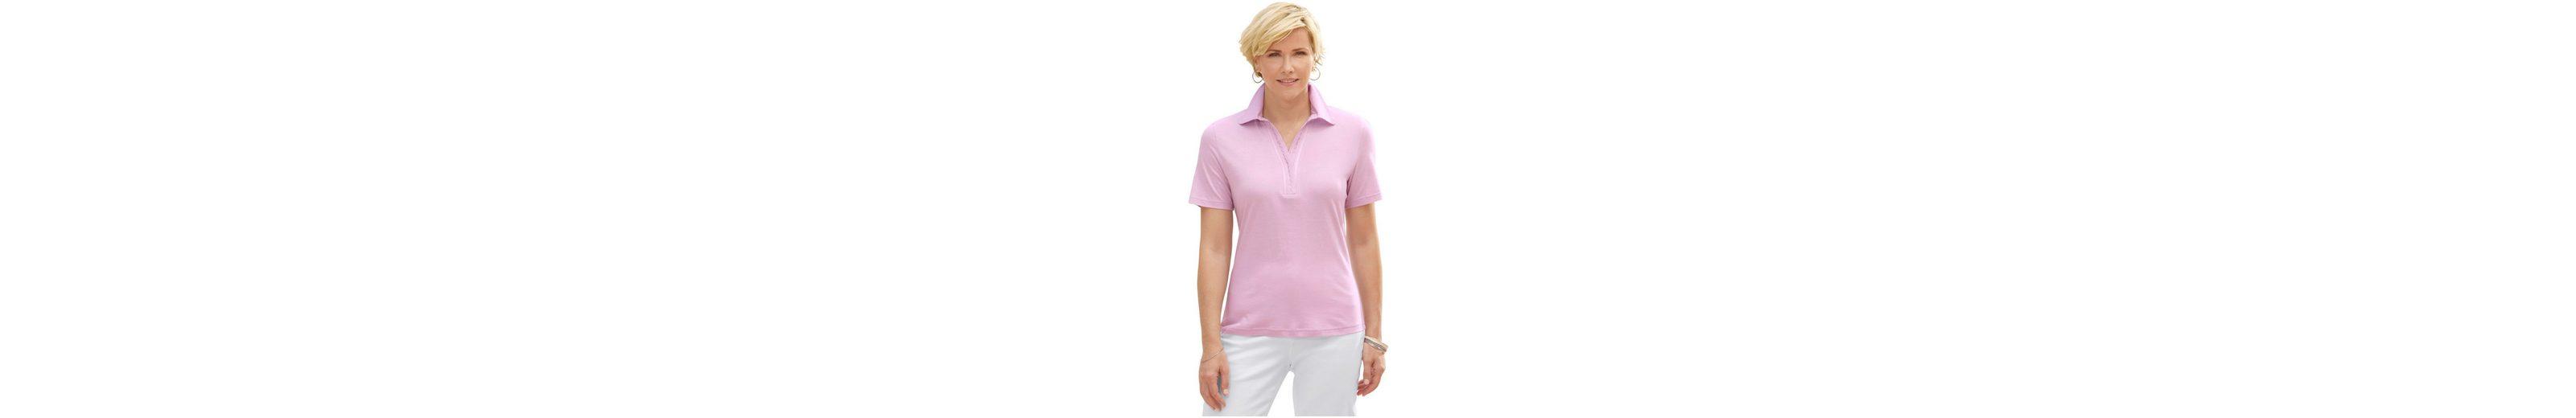 Kosten Günstig Online Collection L. Shirt mit Glitzersteinchen Kosten Online Verkauf Angebote 2gwiVetKZ